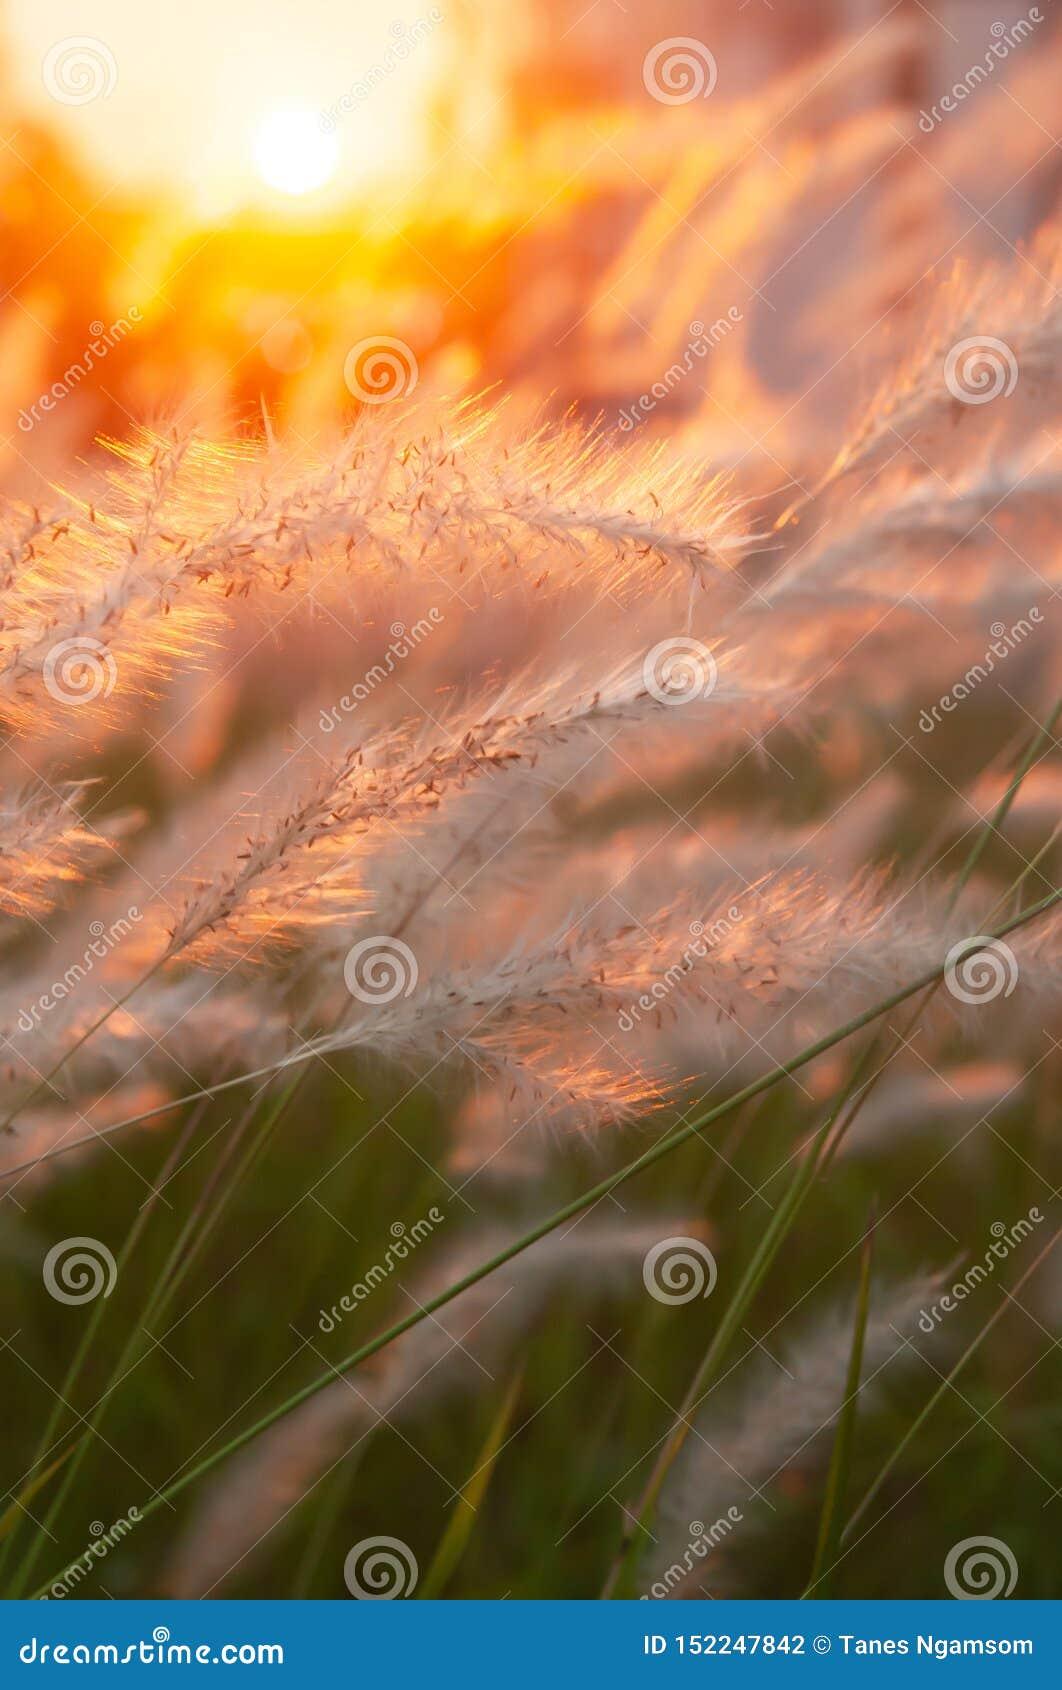 O cogon pitoresco grama flores no por do sol, cena da natureza no verão